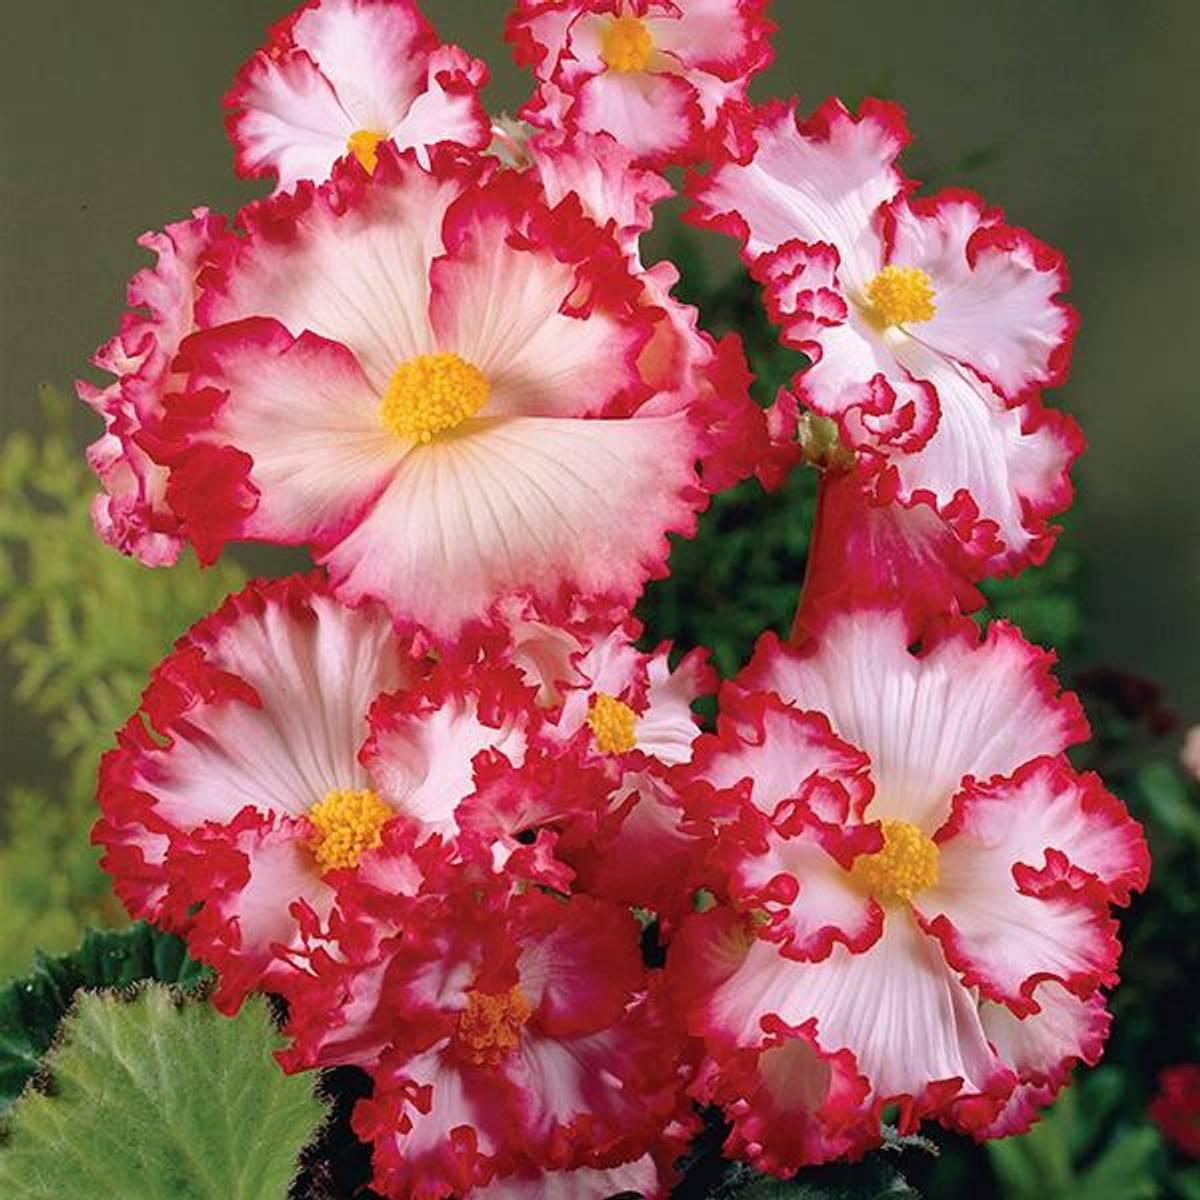 BEGONIA Crispa Marginata hvit/rød. 3 stk.